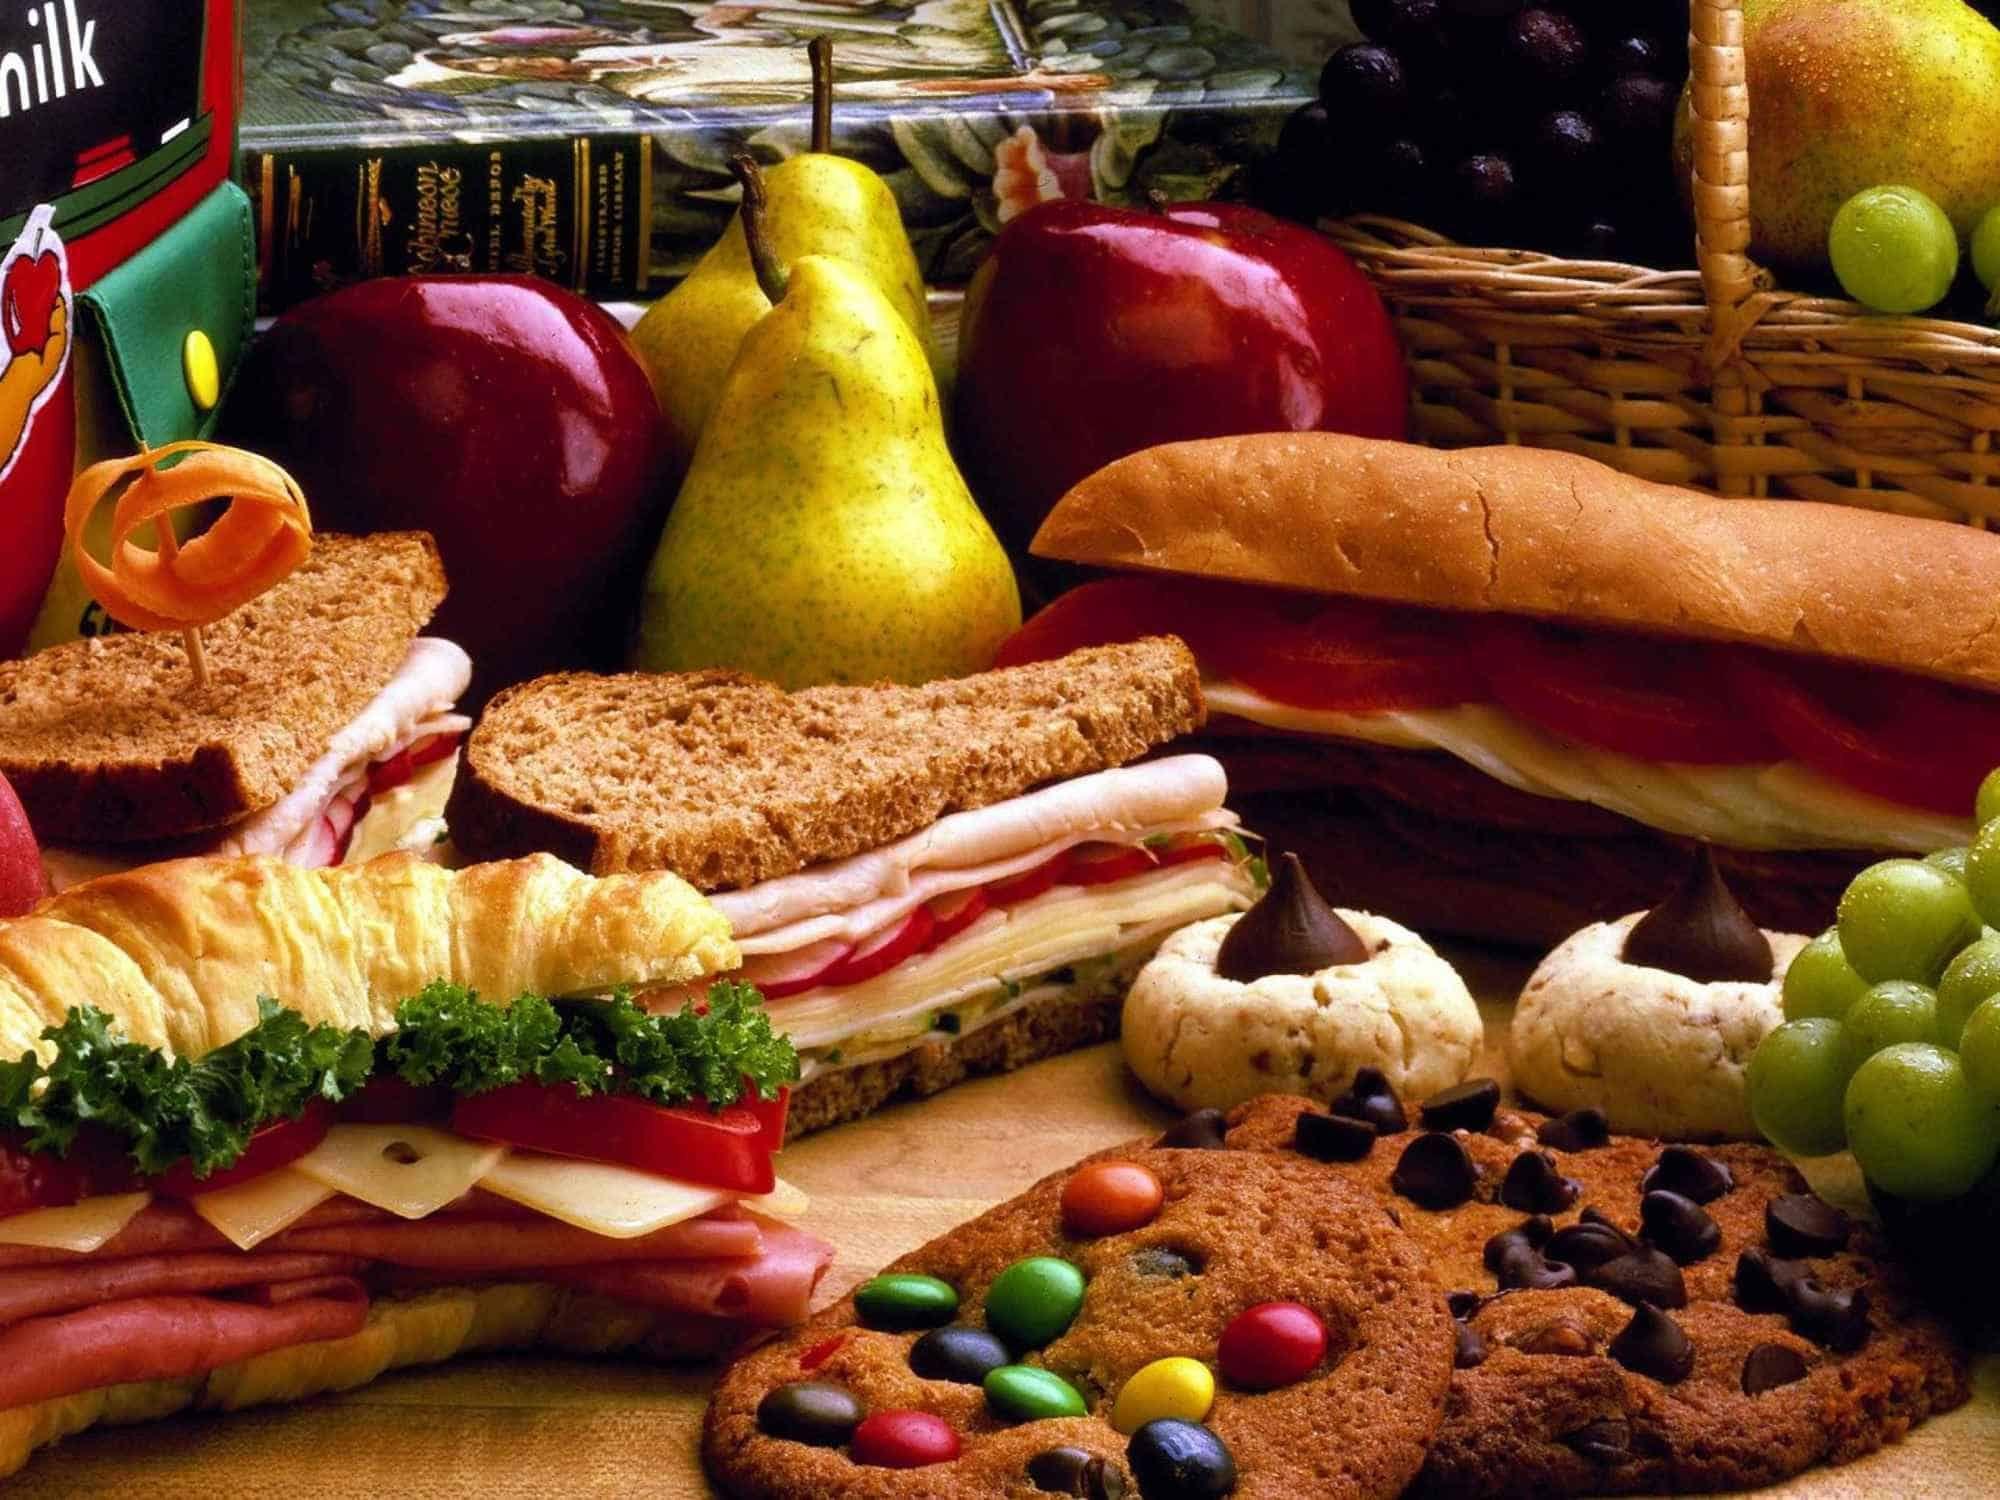 تفسير حلم الأكل الكثير في المنام موسوعة Food Recipes Yummy Food